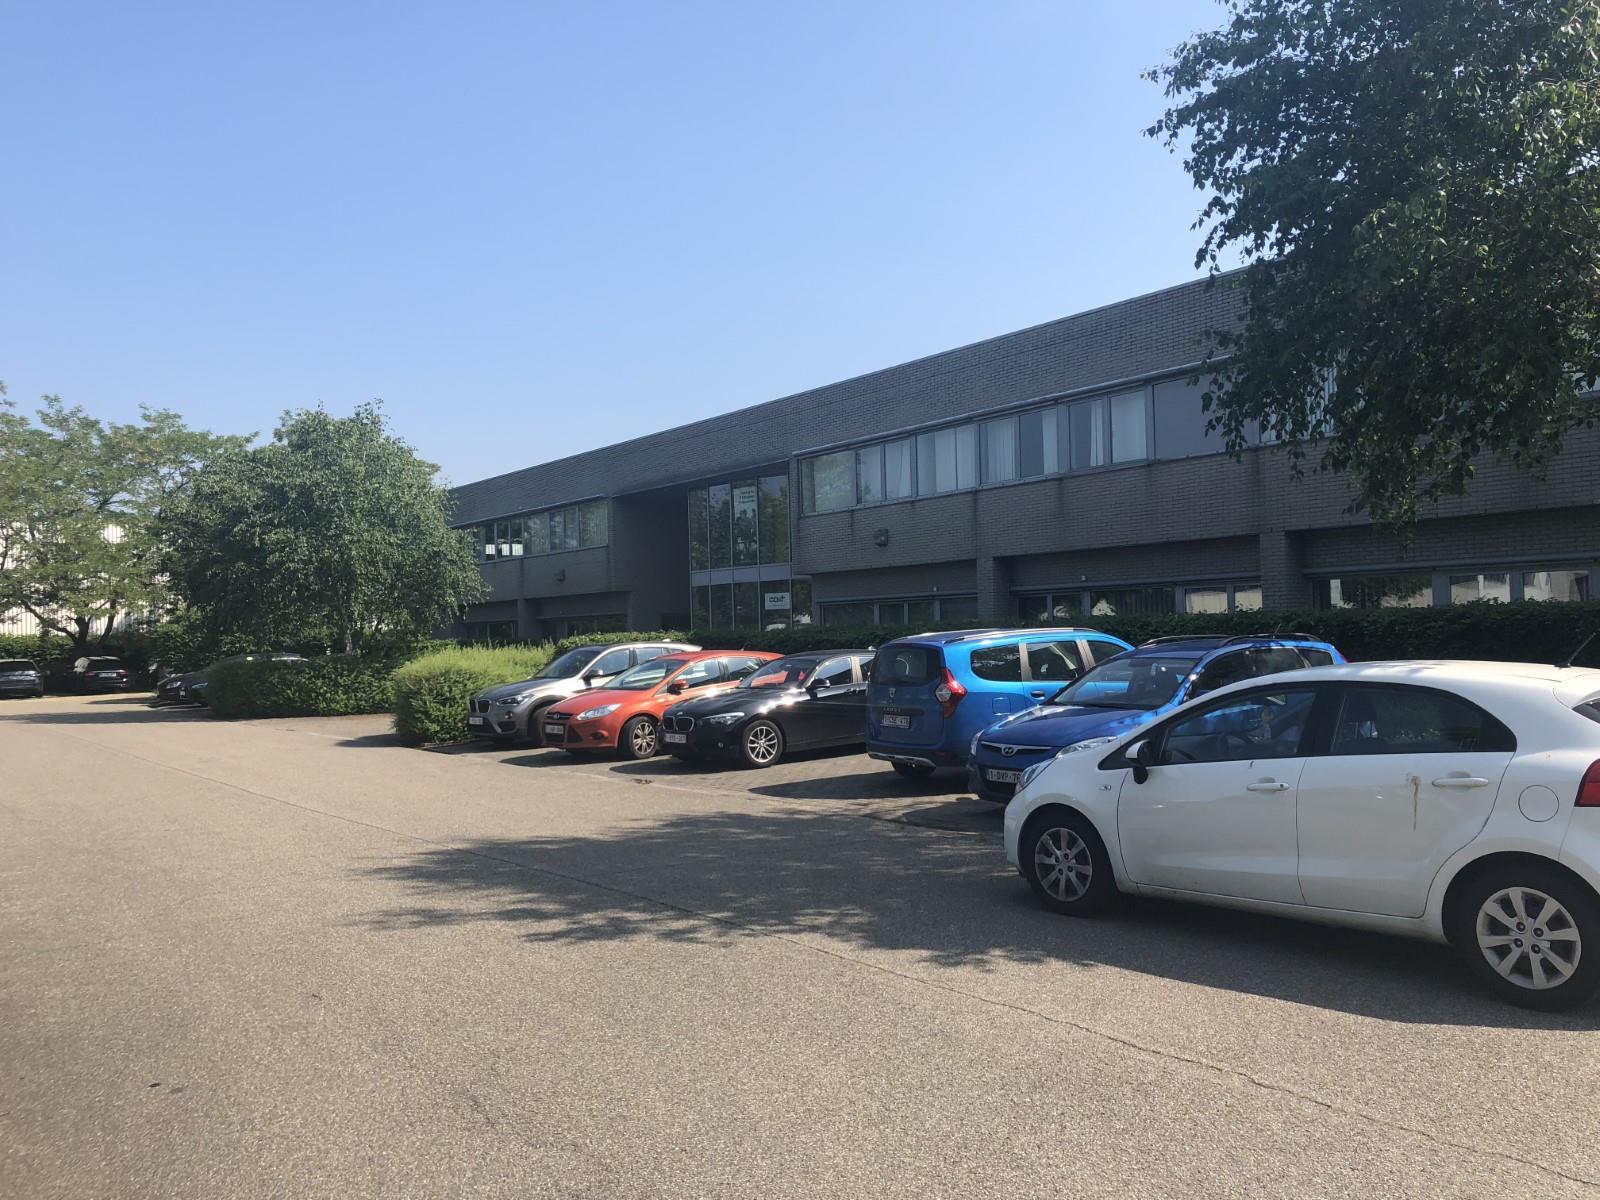 bedrijfsgebouw te koop I067TK - Zandvoortstraat 1, 2800 Mechelen, België 2